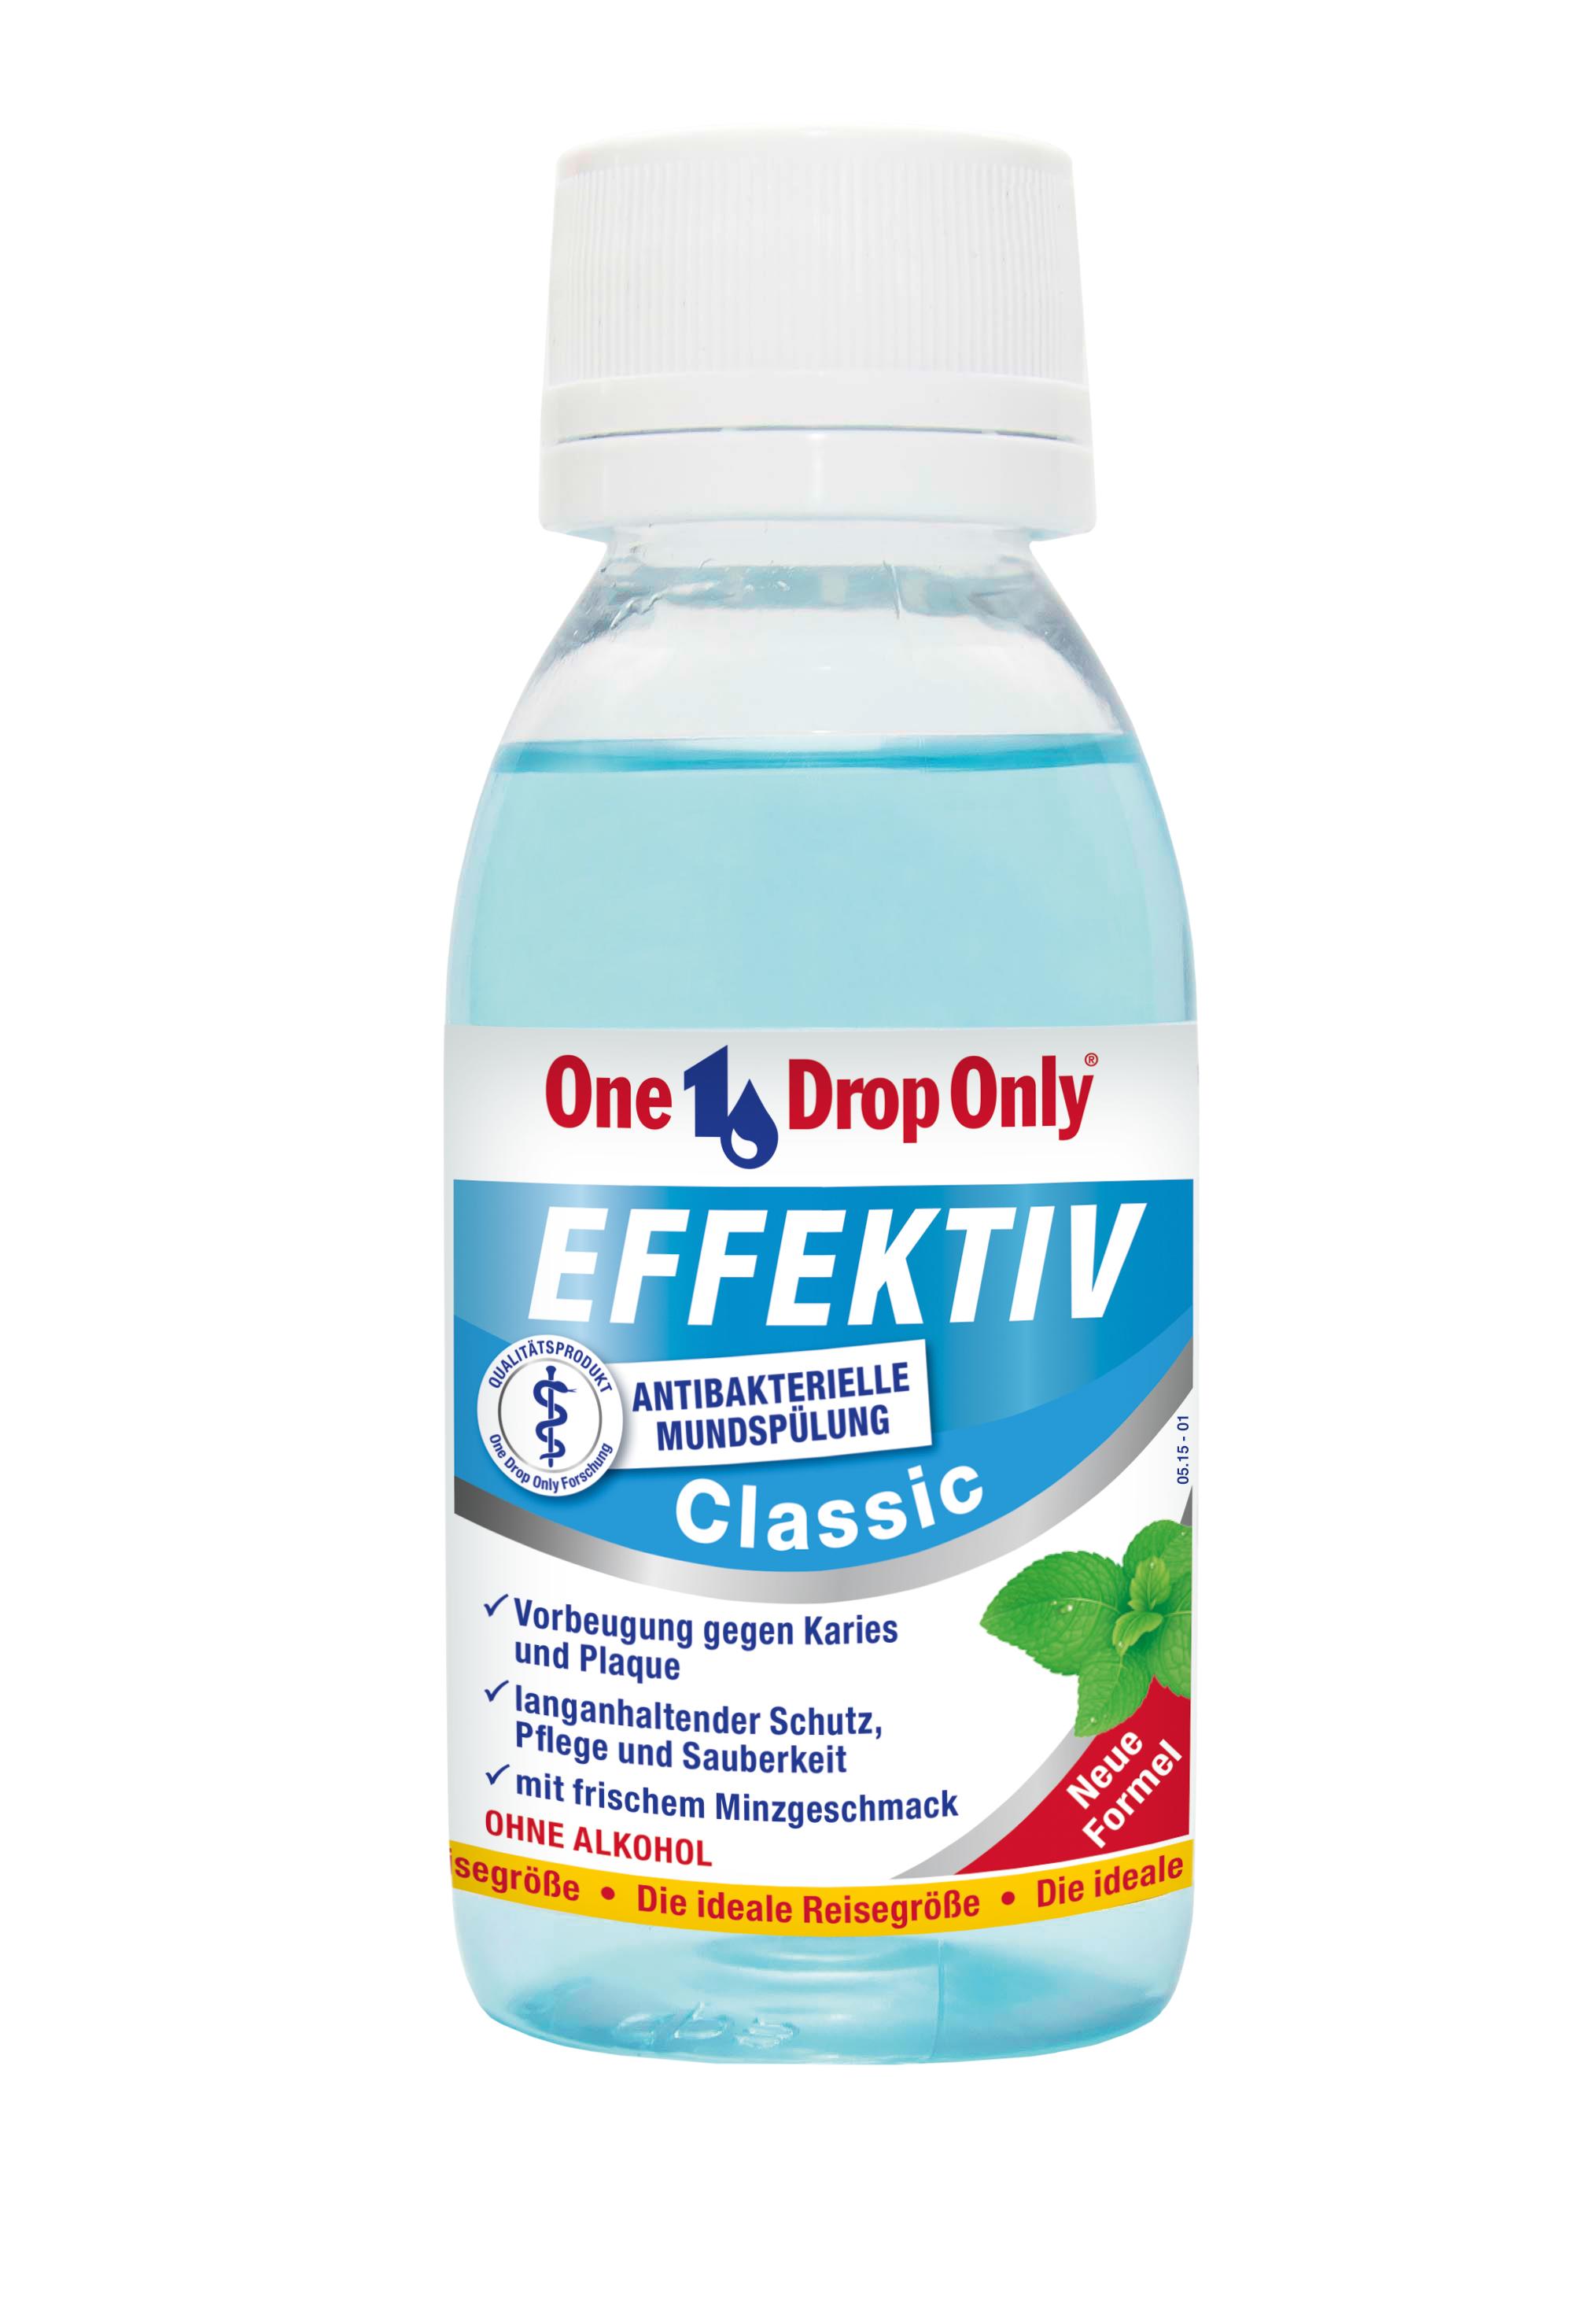 One Drop Only Effektiv Classic Антибактериальный ополаскиватель полости рта, 100 мл